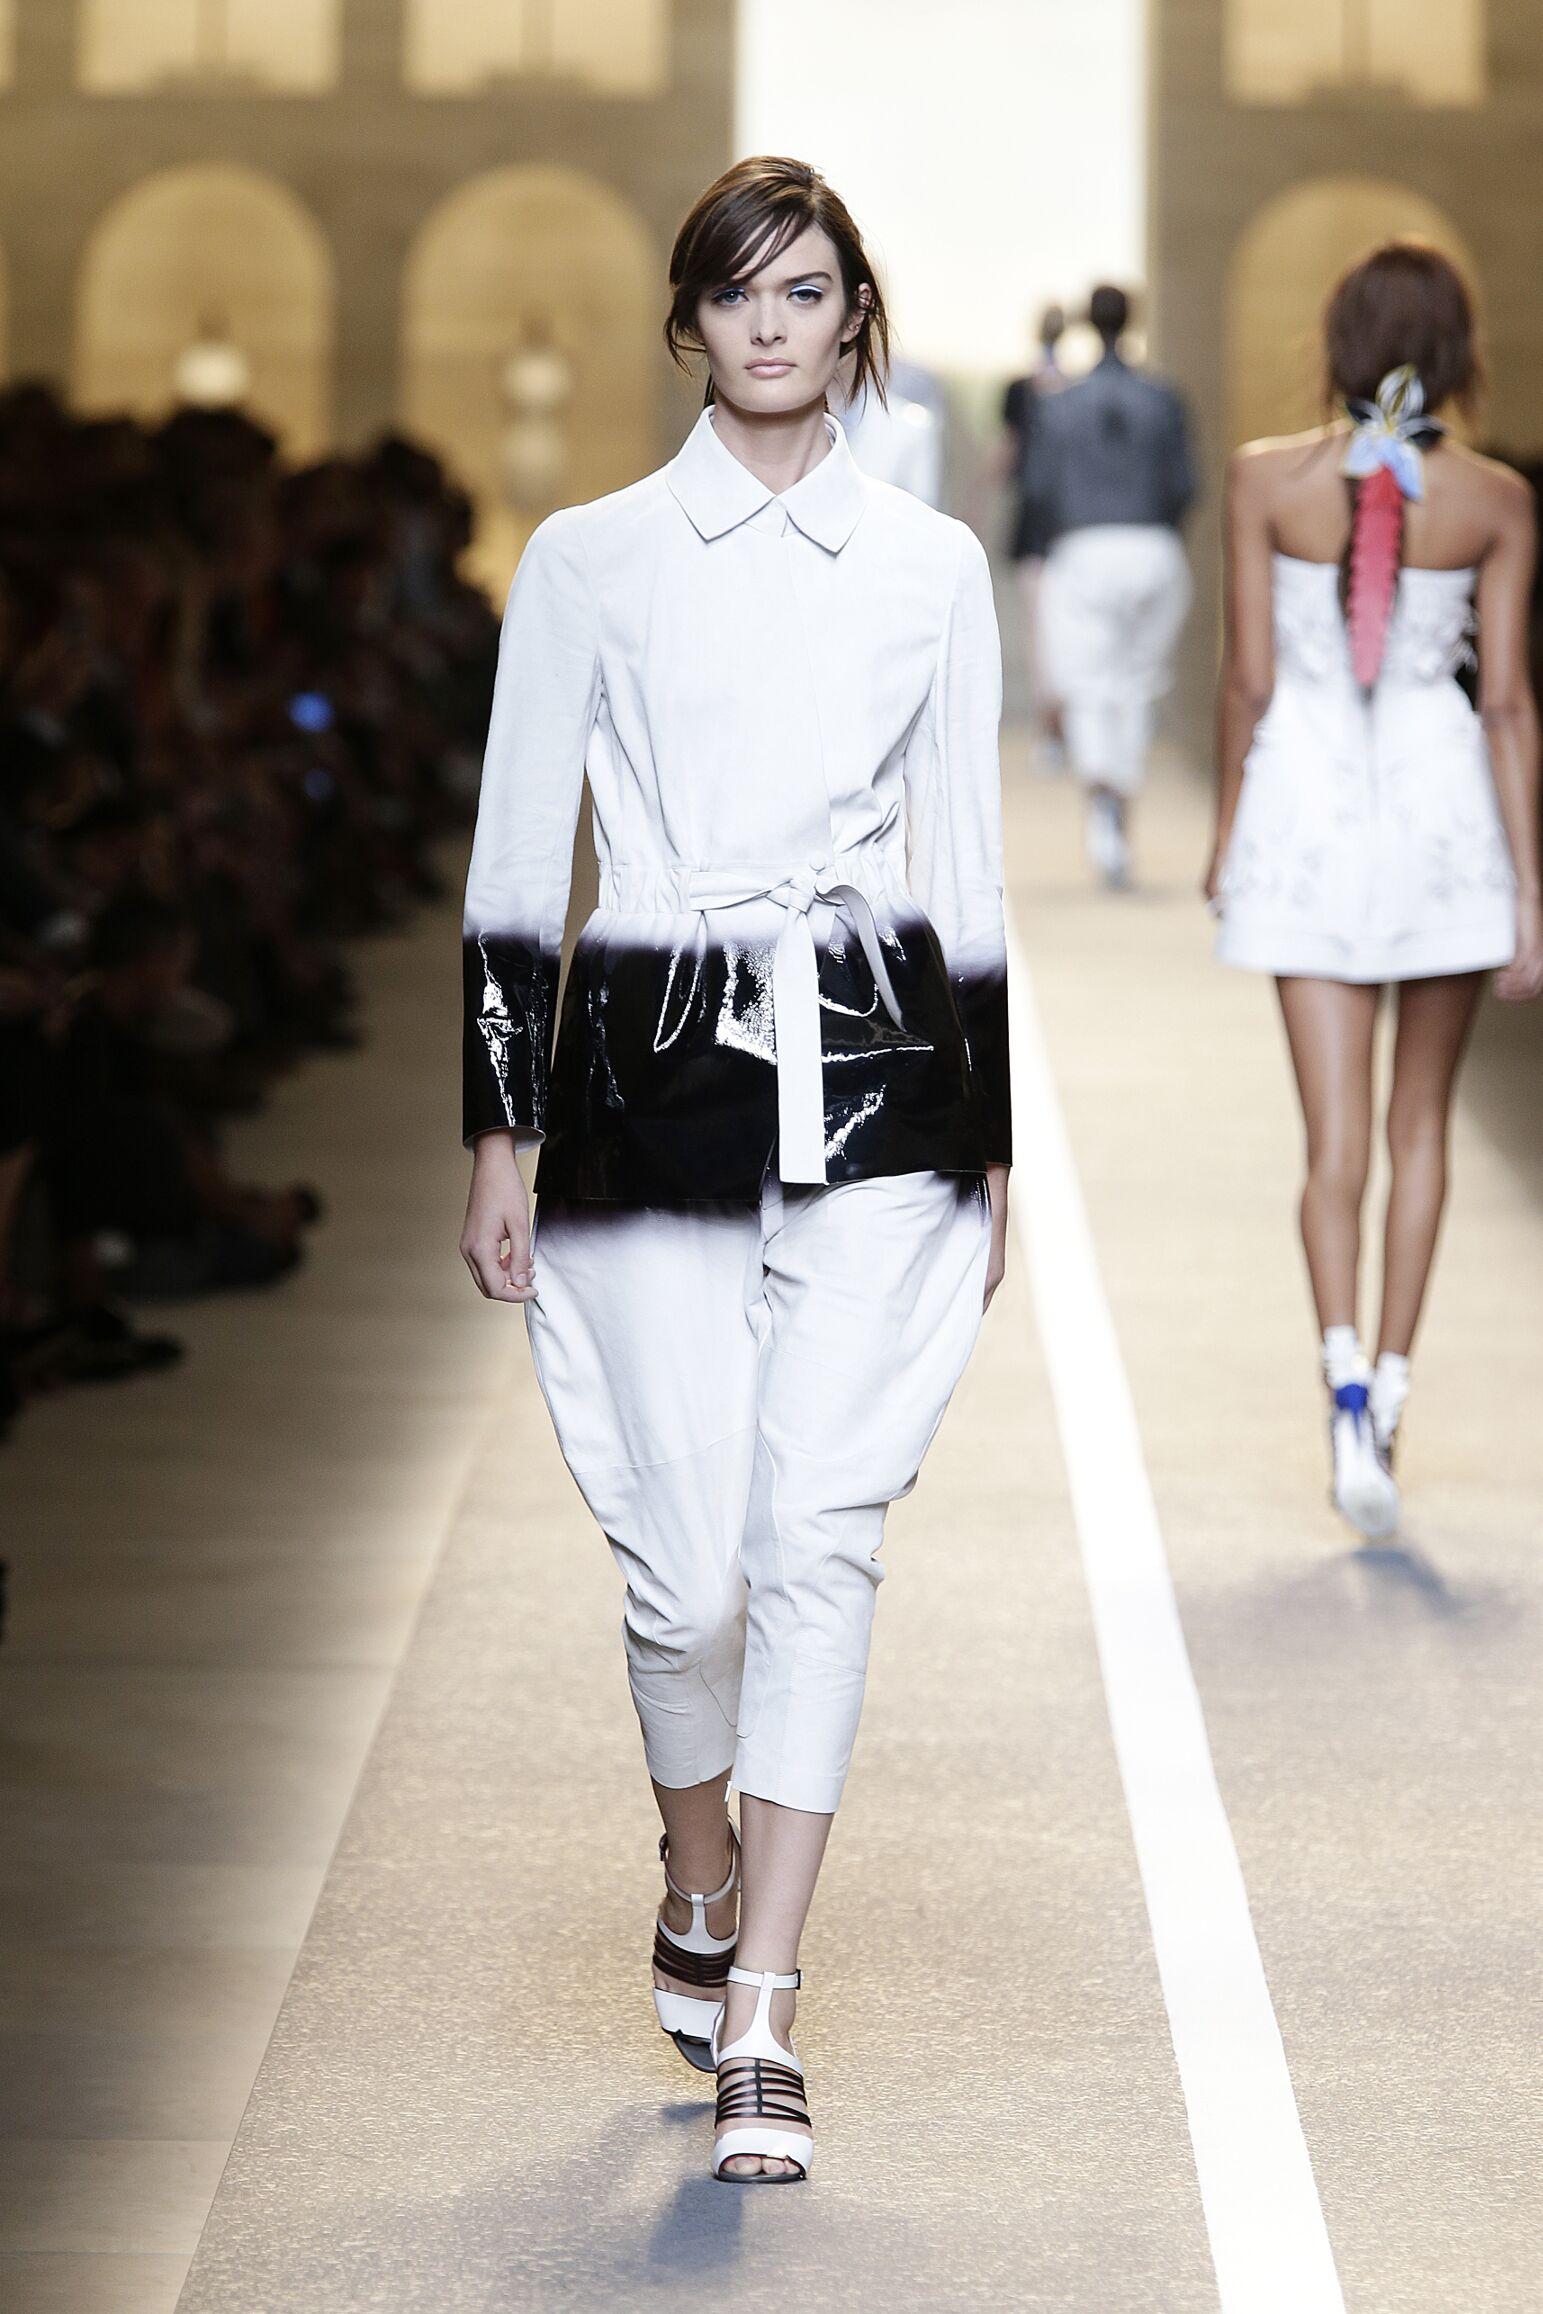 Fendi SS 2015 Womenswear